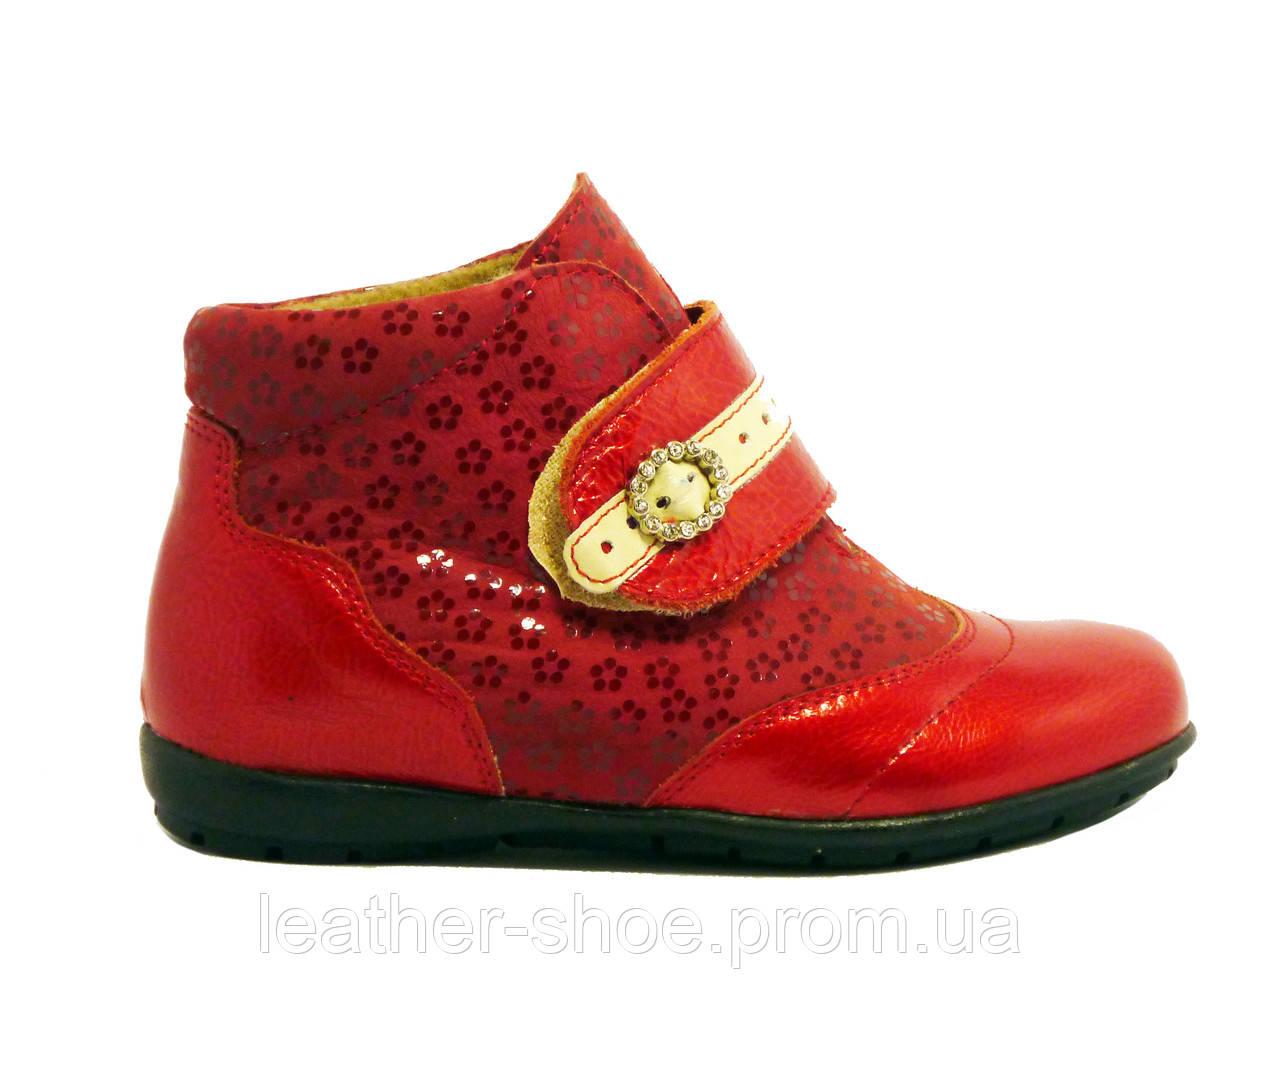 796d57d14 Кожаные весенние ботинки на девочку 26 красные - Интернет магазин